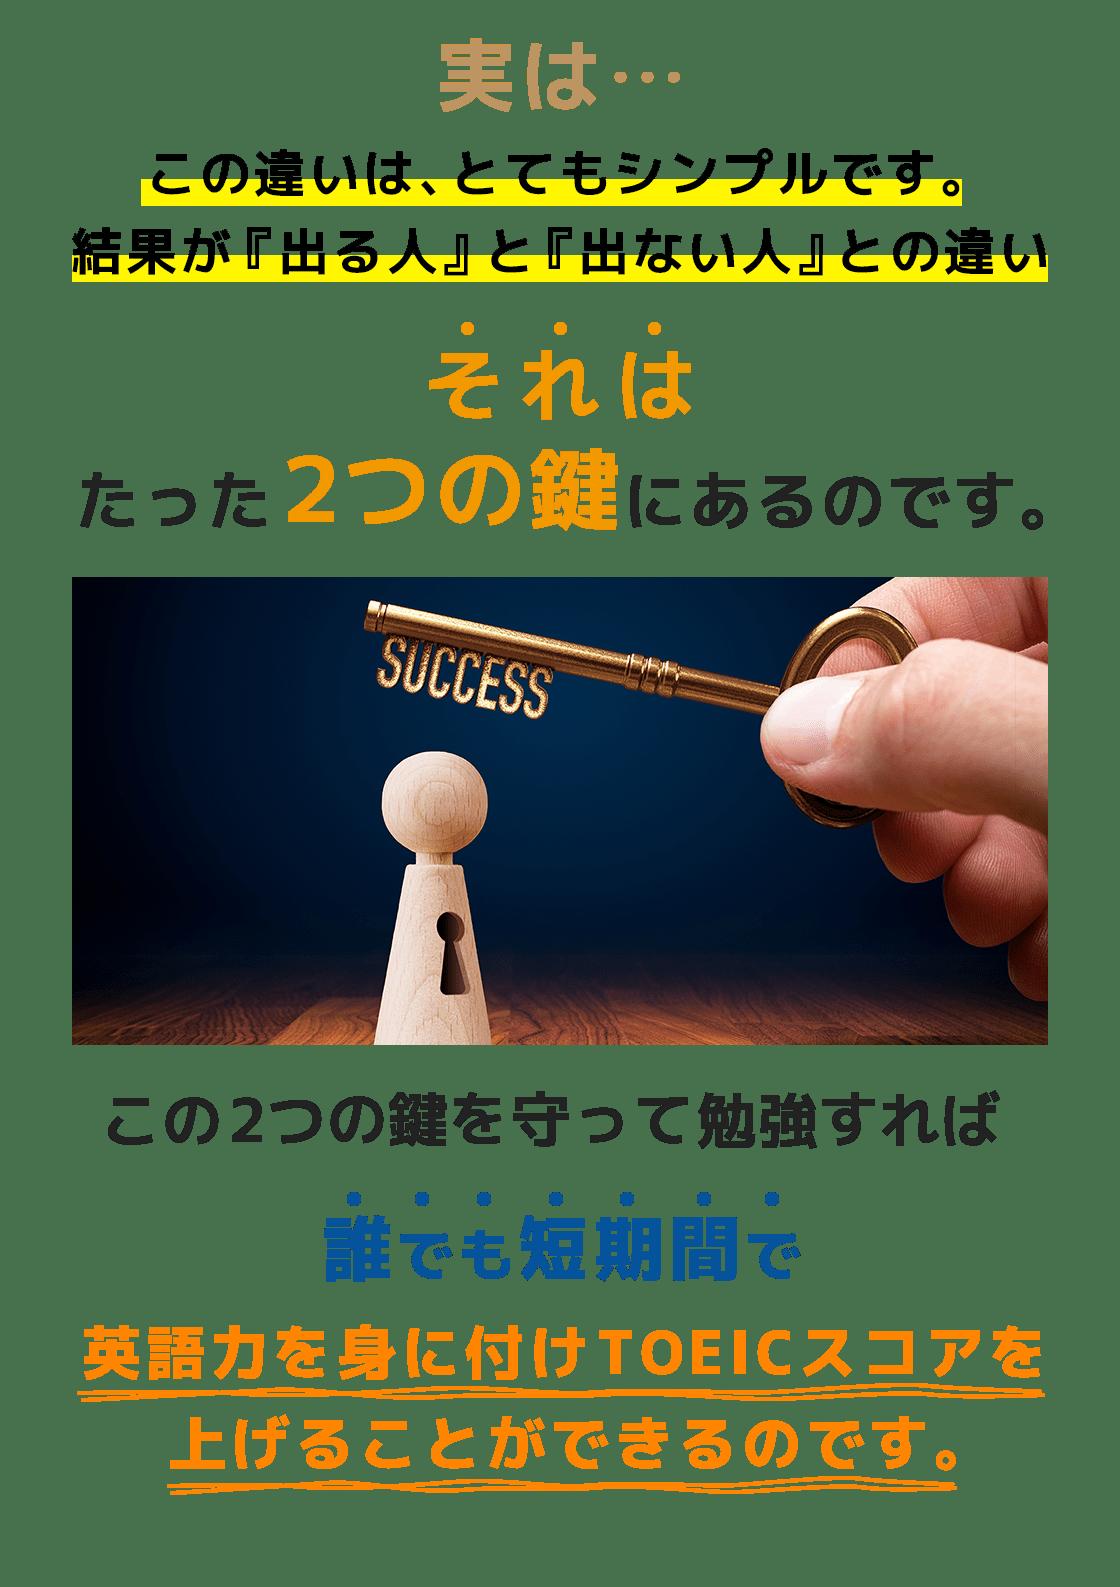 実は…この違いは、とてもシンプルです。結果が『出る人』と『出ない人』との違いそれはたった2つの鍵にあるのです。この2つの鍵を守って勉強すれば誰でも短期間で英語力を身に付けTOEICスコアを上げることができるのです。